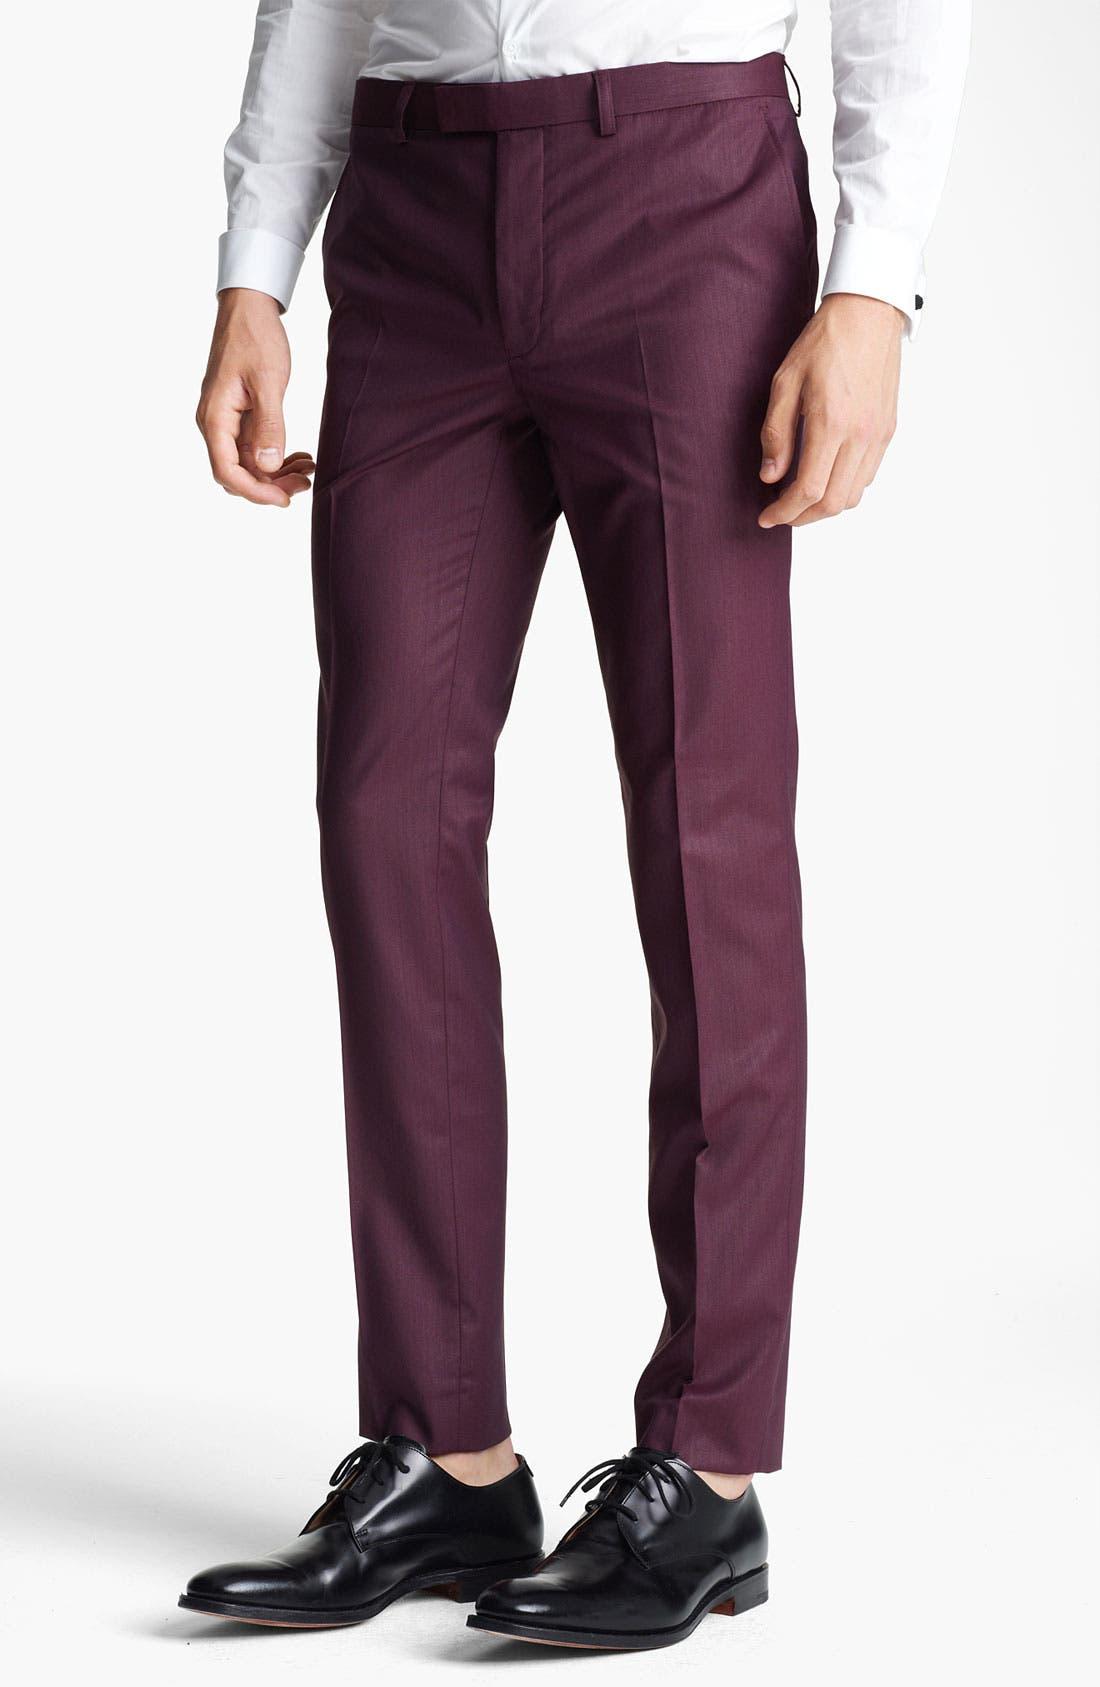 Alternate Image 1 Selected - Topman 'Liquid' Skinny Trousers